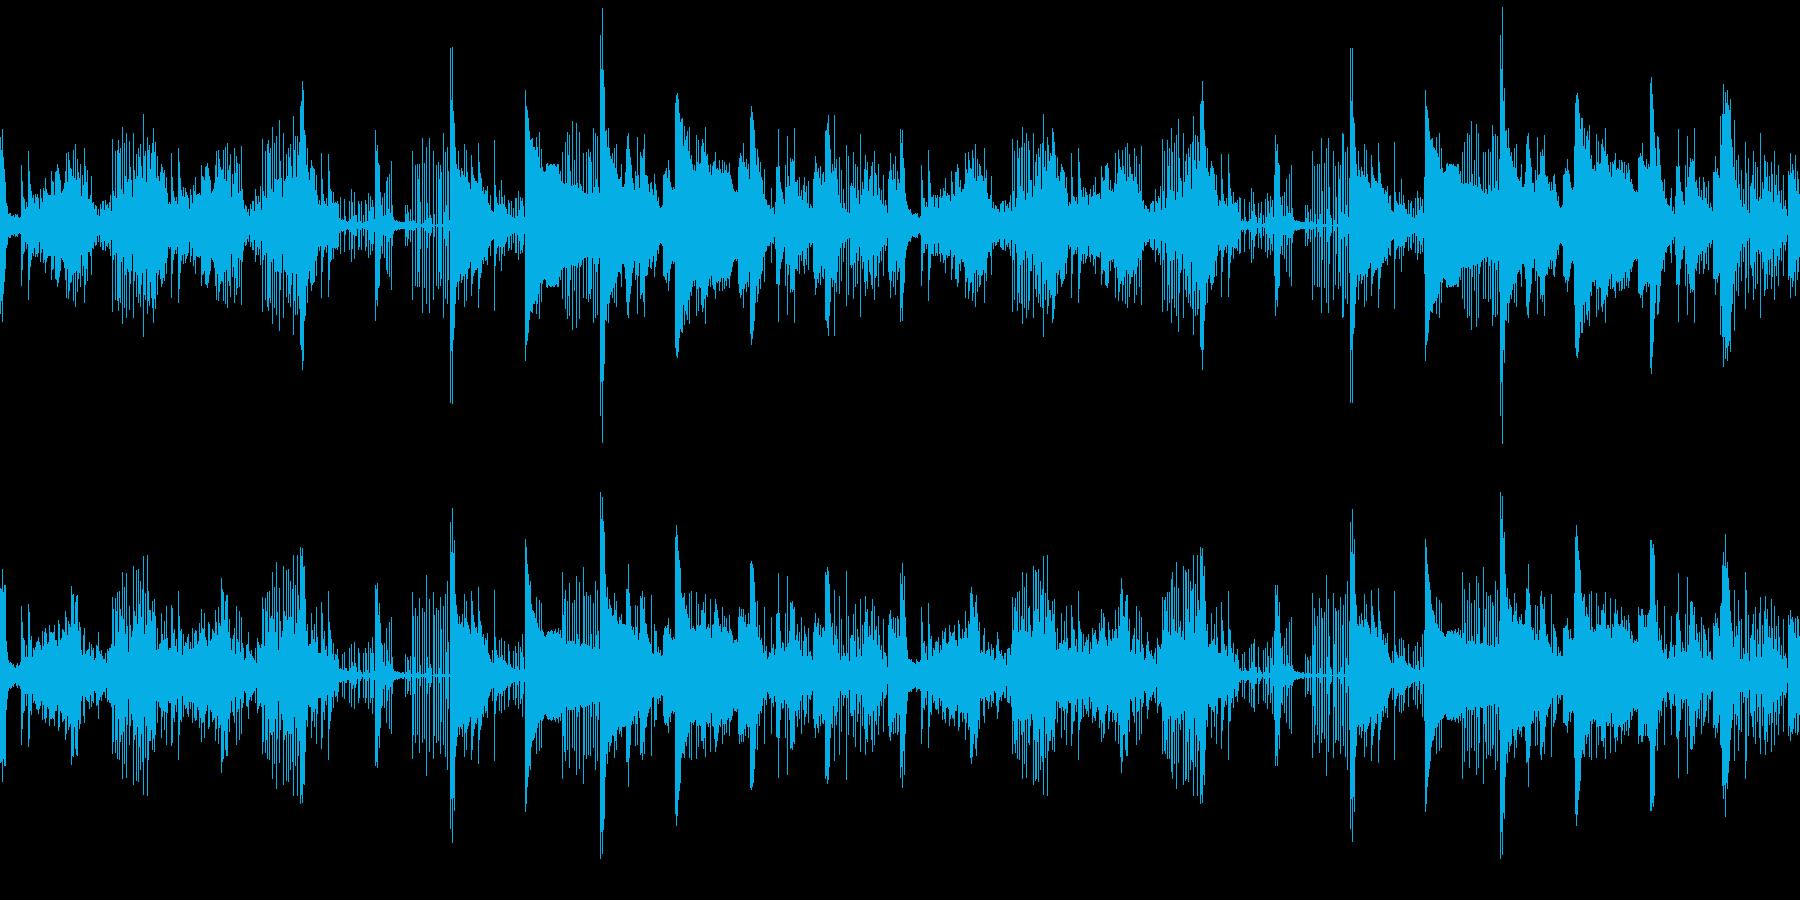 ハロウィン・ホラー系楽曲の再生済みの波形